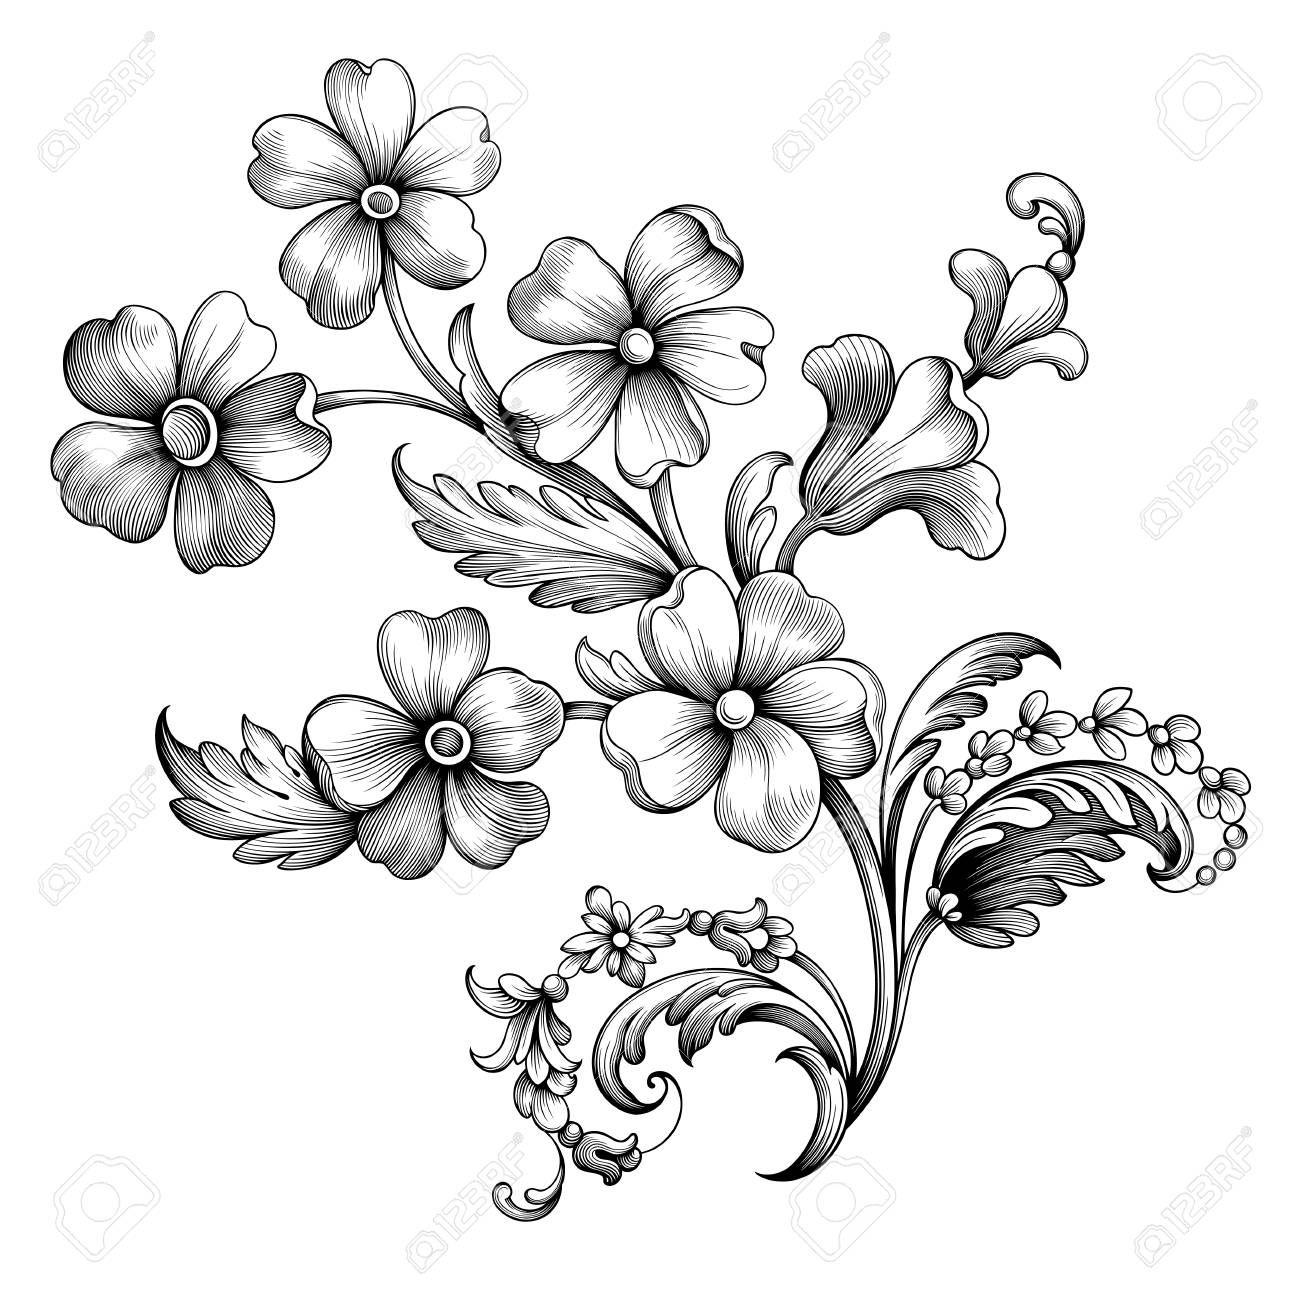 Vintage Spring Flower Summer Daisy Scroll Baroque Victorian Frame Border Floral Ornament Leaf Engraved R Vintage Flower Tattoo Victorian Tattoo Vintage Flowers